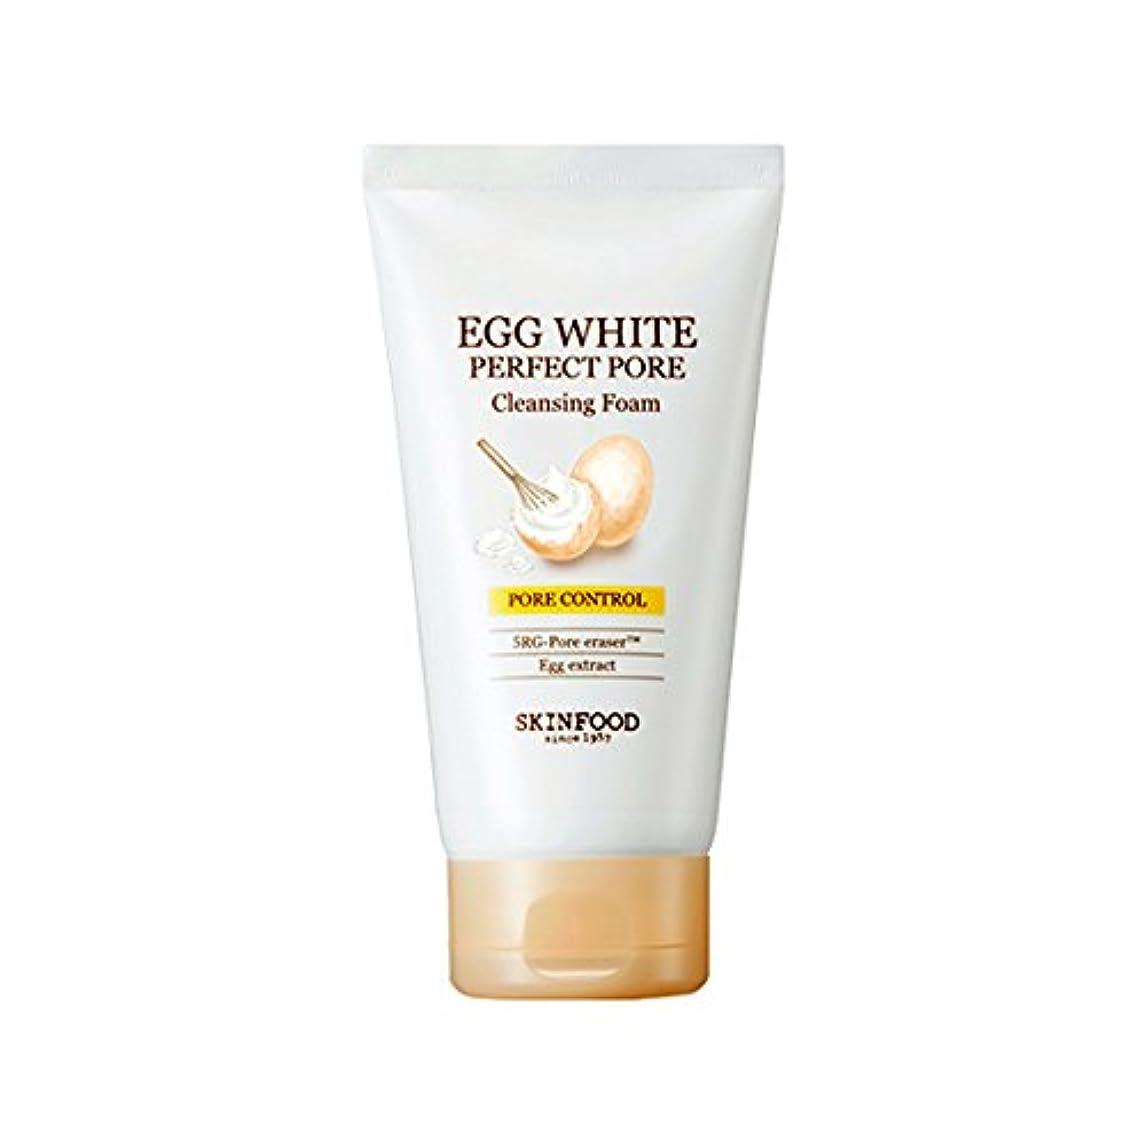 記念品あいにく小麦粉[2017 New] SKINFOOD Egg White Perfect Pore Cleansing Foam 150ml/スキンフード エッグ ホワイト パーフェクト ポア クレンジング フォーム 150ml [並行輸入品]